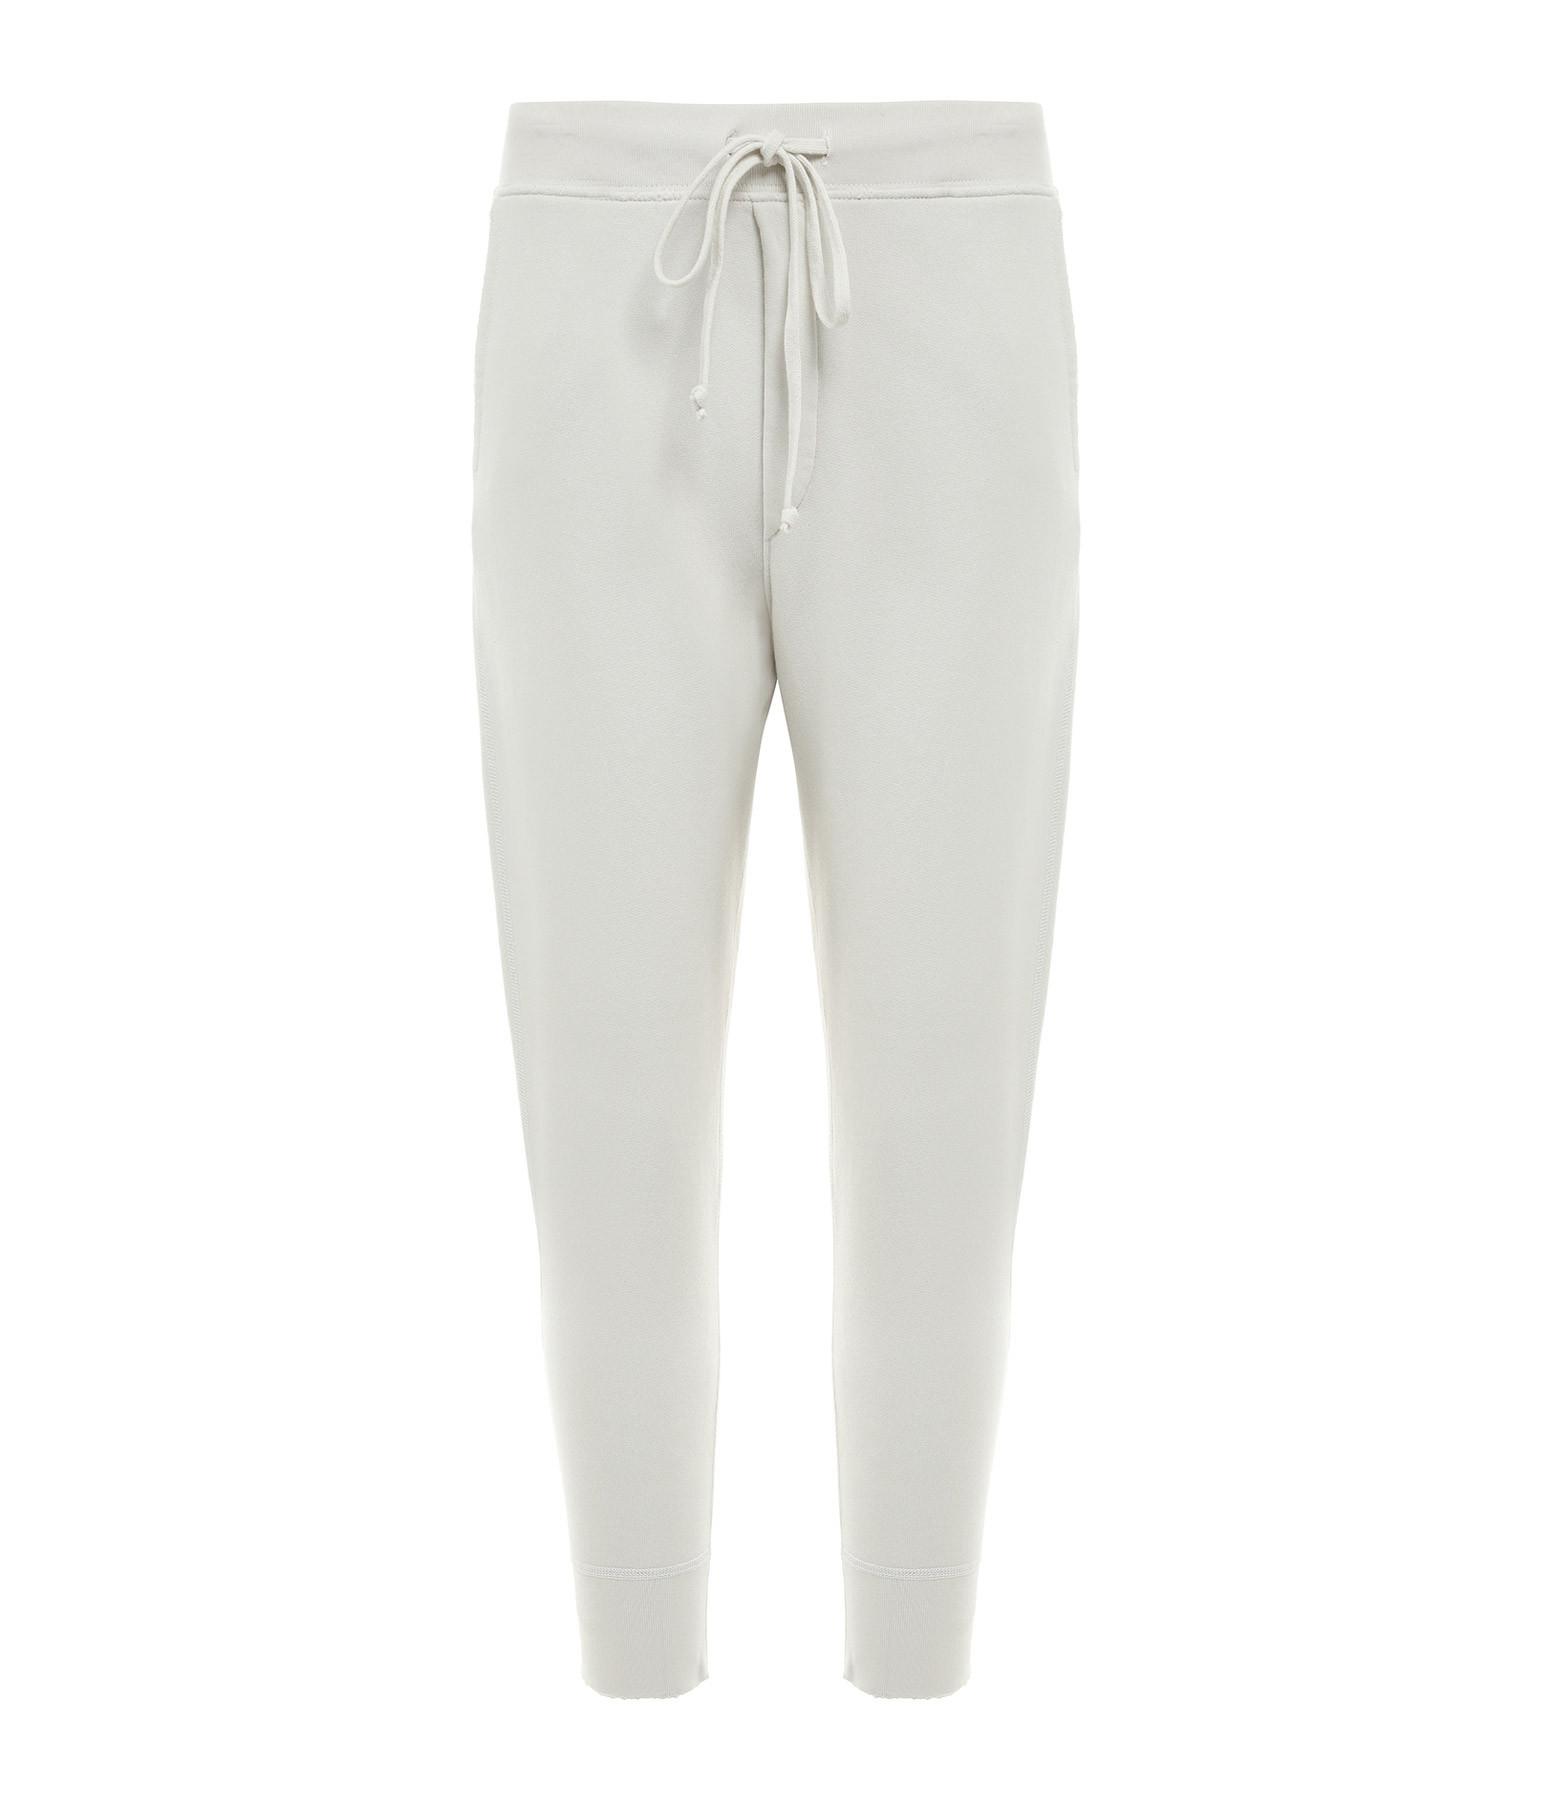 NILI LOTAN - Pantalon Nolan Blanc Craie